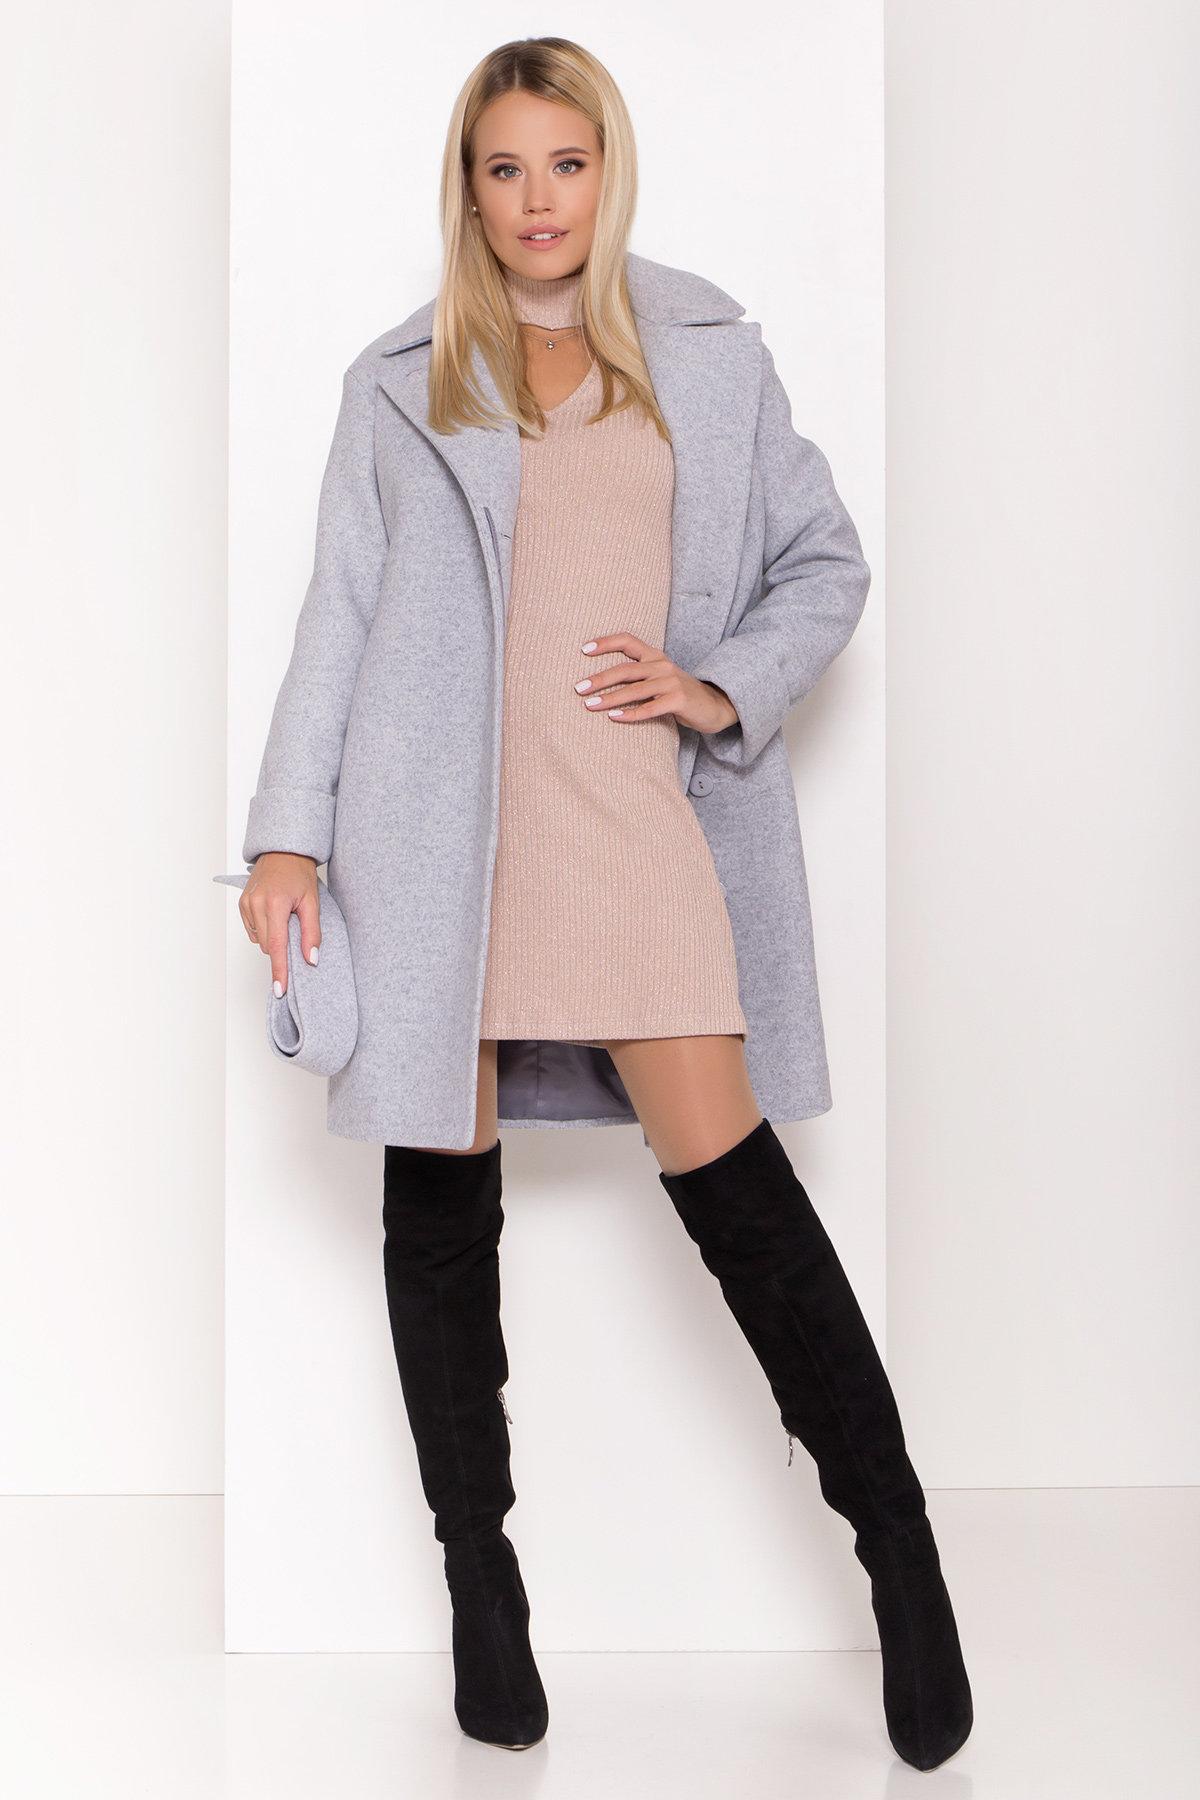 Стильное зимнее пальто пастельных тонов Лизи 8122 АРТ. 44087 Цвет: Серый Светлый 33 - фото 1, интернет магазин tm-modus.ru